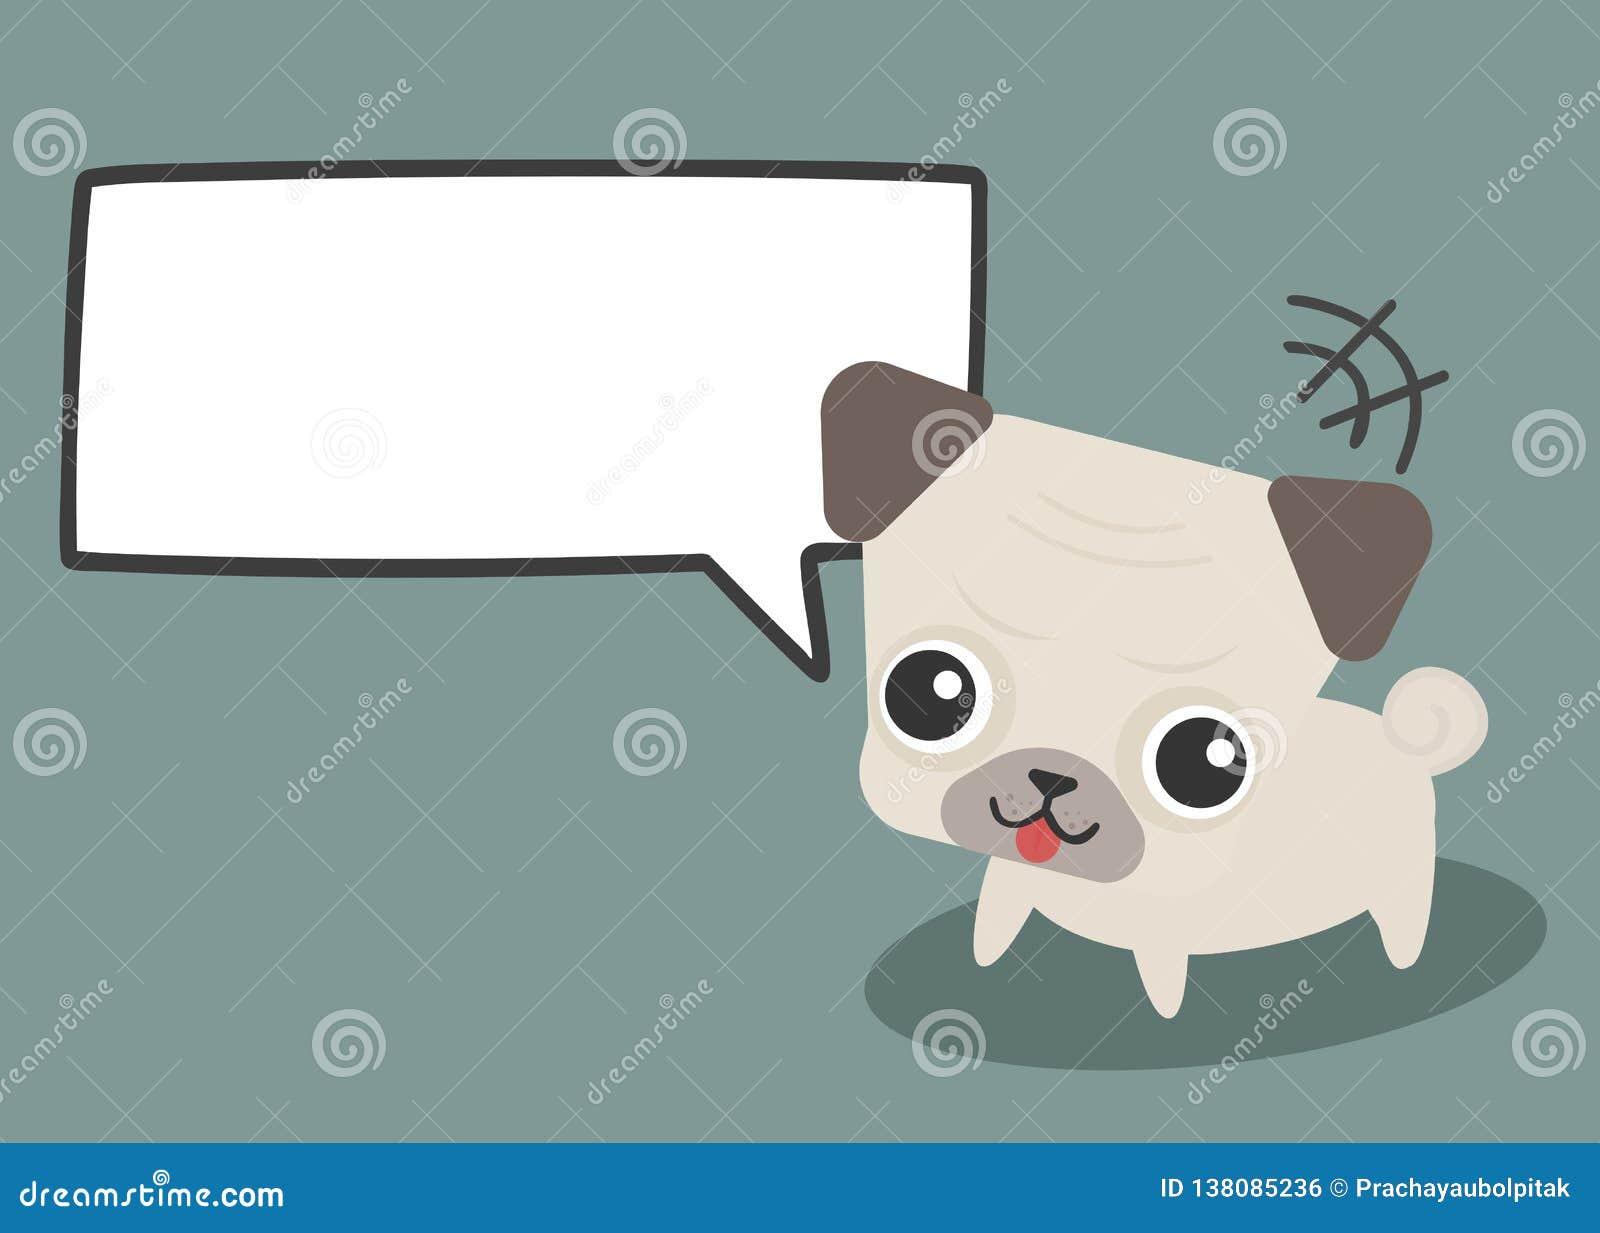 与空的云彩泡影讲话对话空白文本的可爱的逗人喜爱的哈巴狗狗